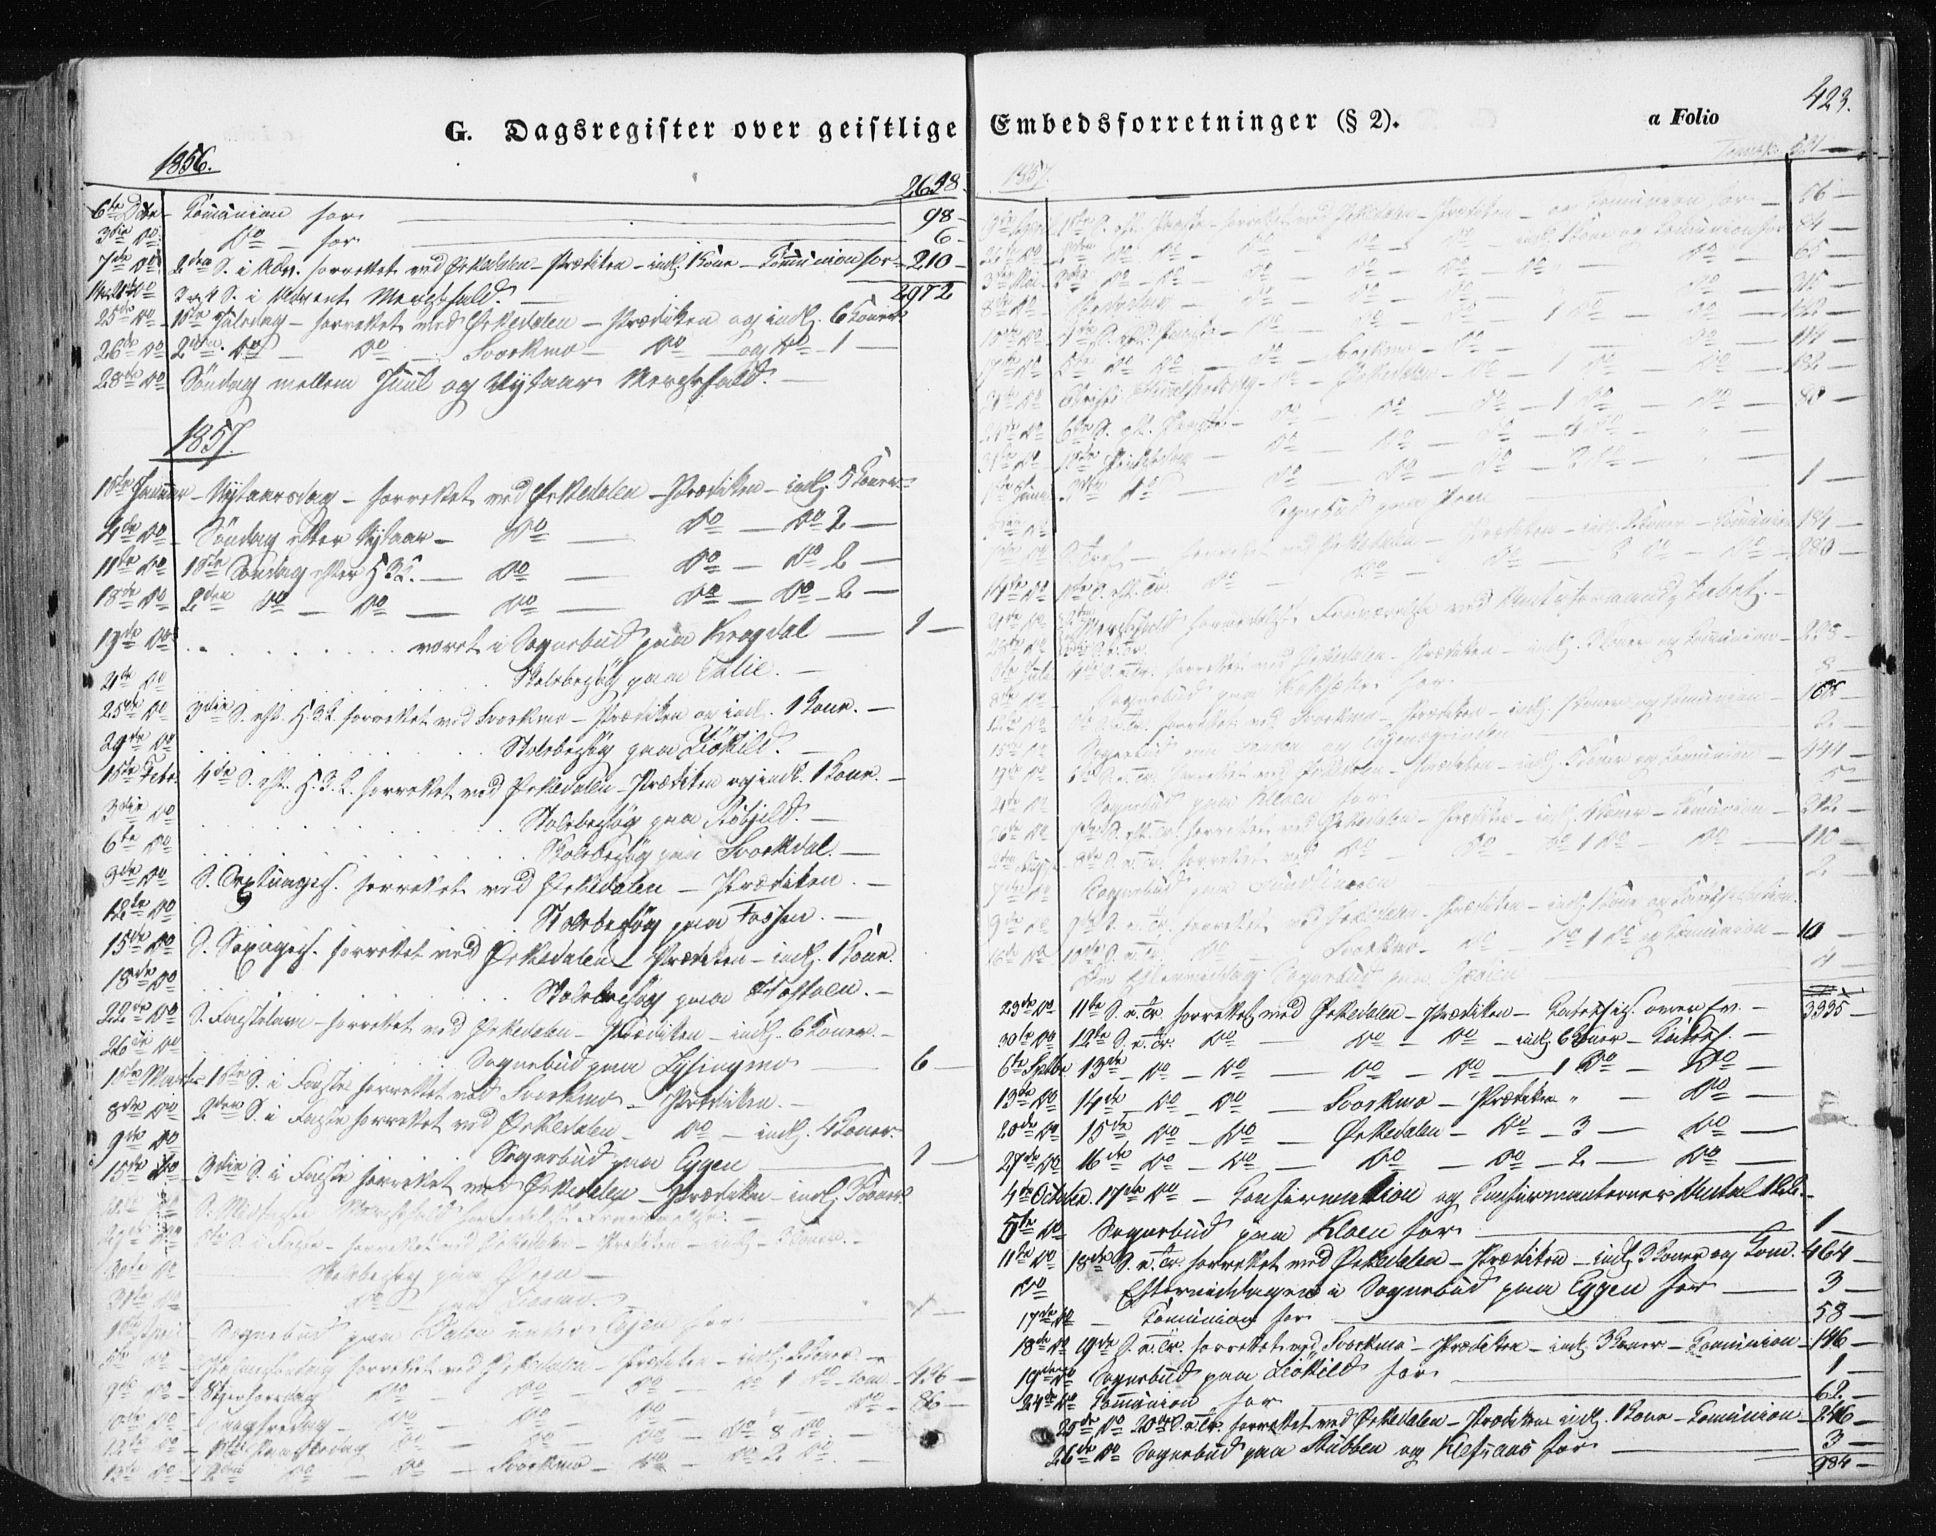 SAT, Ministerialprotokoller, klokkerbøker og fødselsregistre - Sør-Trøndelag, 668/L0806: Ministerialbok nr. 668A06, 1854-1869, s. 423